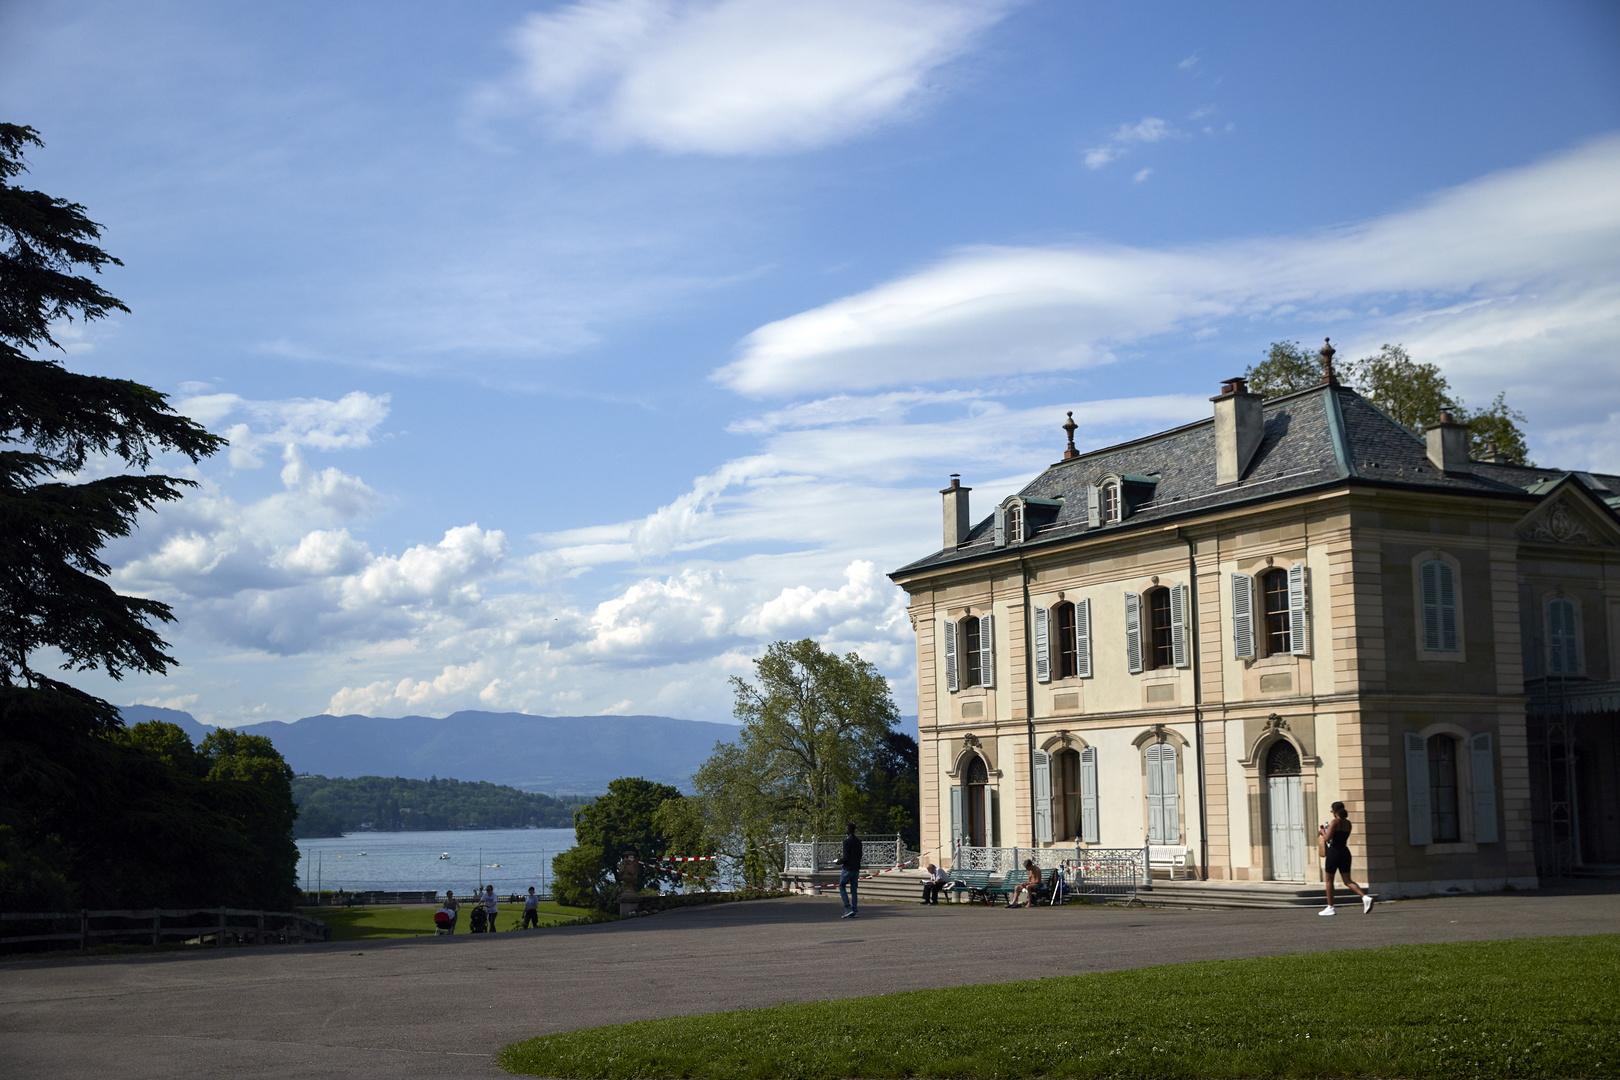 شاهد.. ما هو المقر المتوقع لانعقاد قمة بوتين-بايدن في سويسرا؟